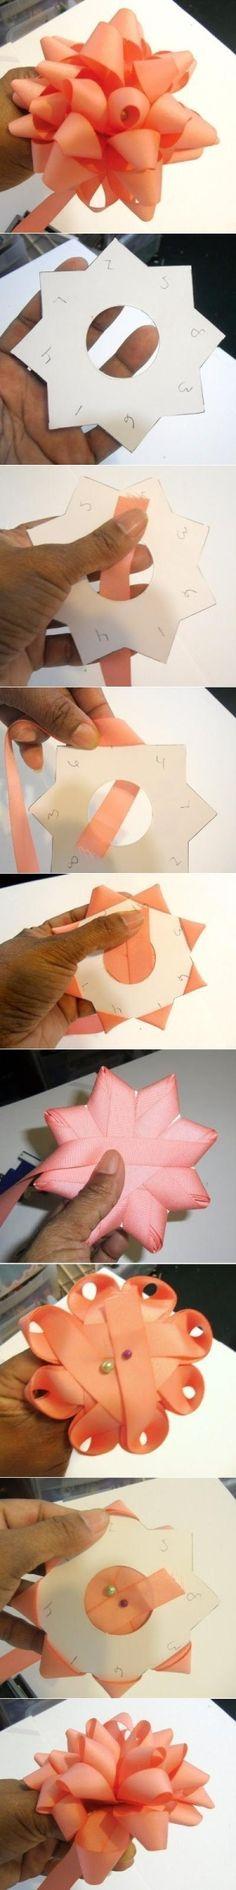 DIY Bow of Ribbon DIY Bow of Ribbon by diyforever